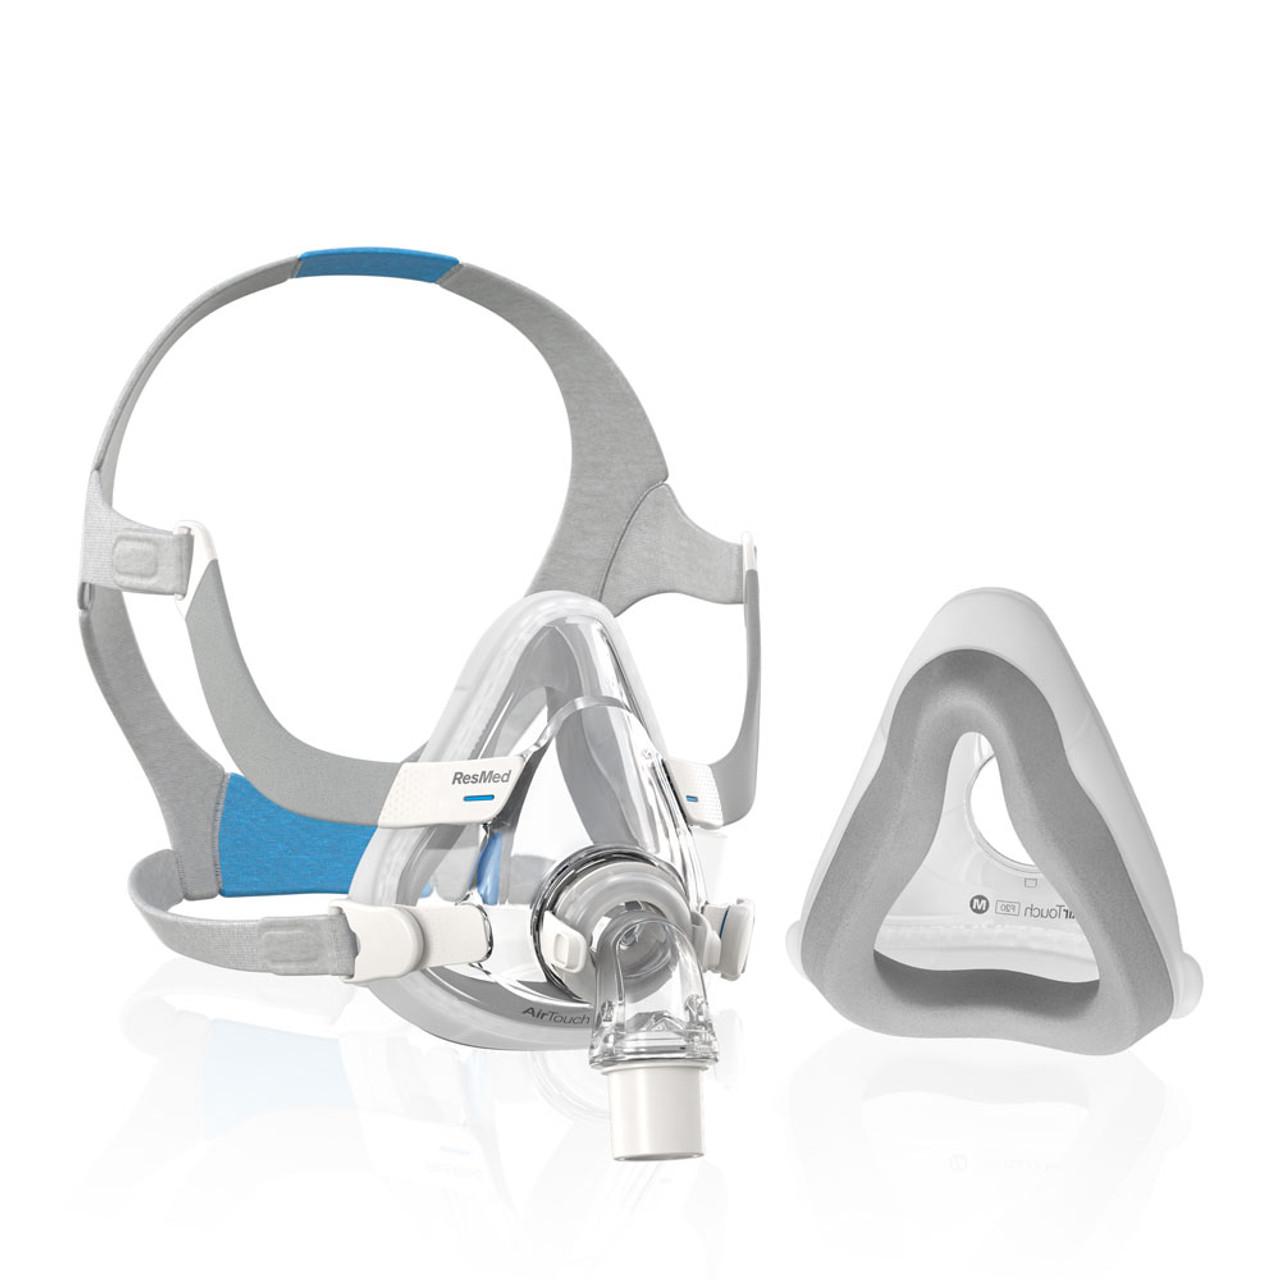 Resmed Airtouch F20 Full Face Mask Starter Kit